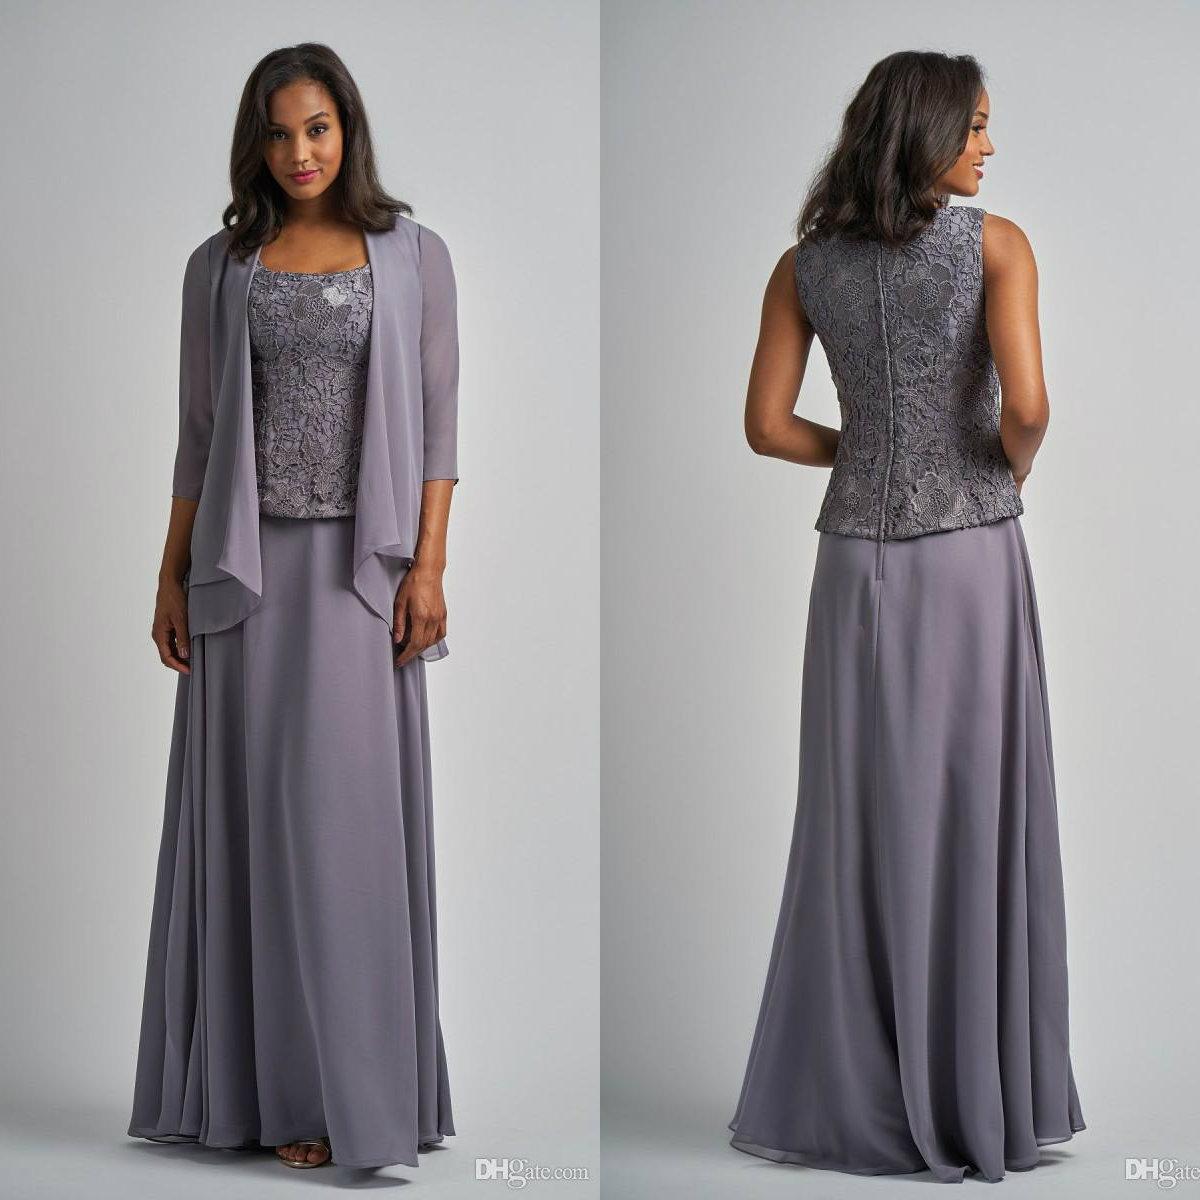 Gelin Modelleri Kare Yaka Uzun Kollu Dantel Anneler Elbise Kat Süre Wedding Misafir Modelleri Özel Mor Anne